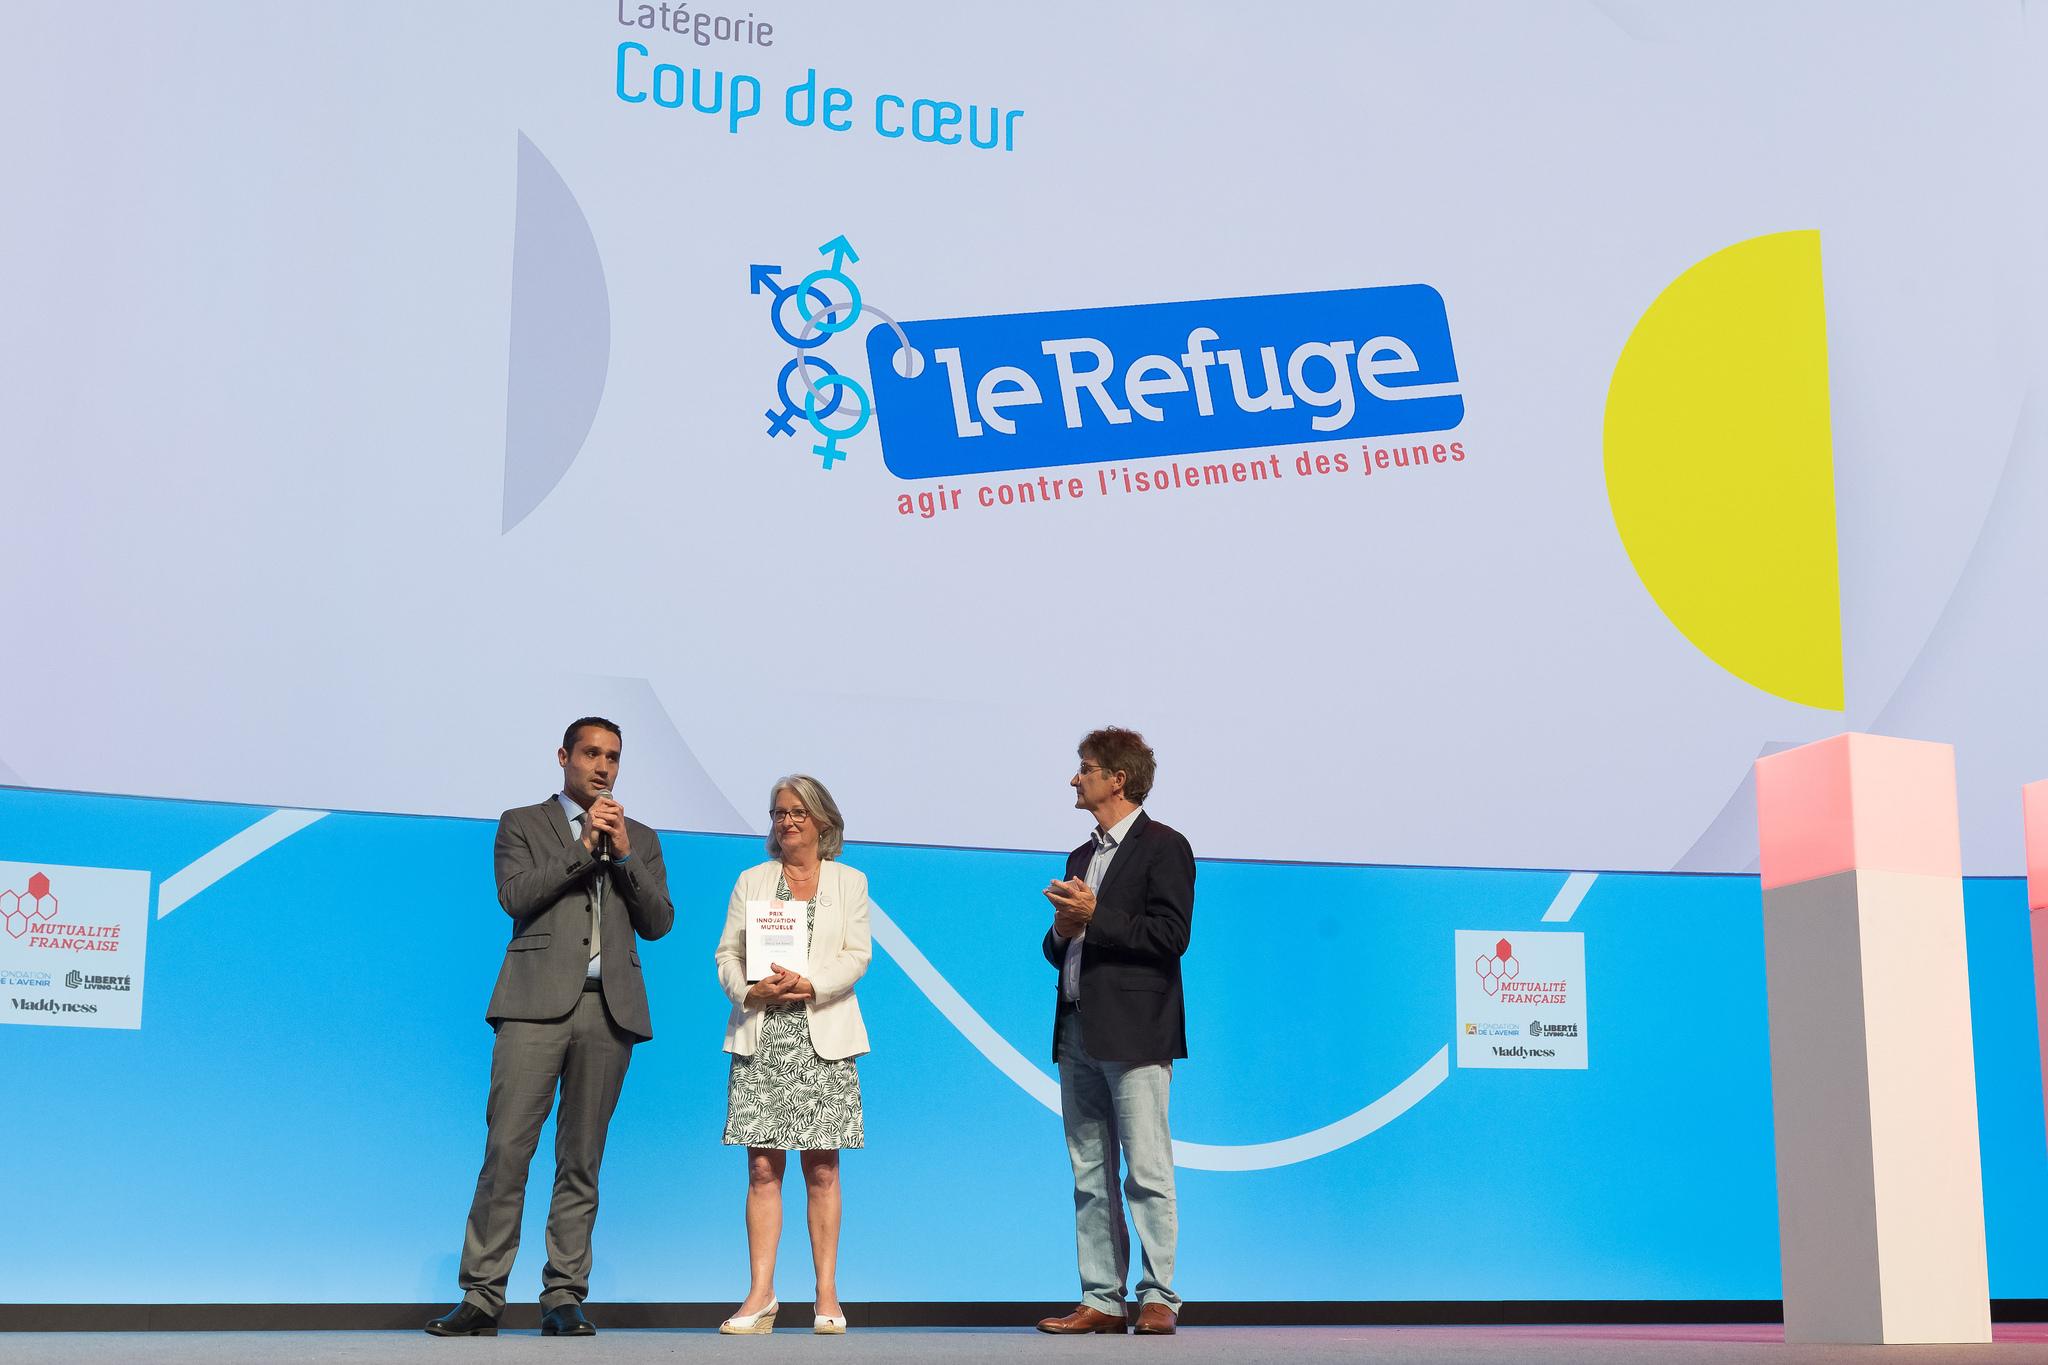 Prix Coup de cœur du congrès : l'association Le Refuge primée par le public